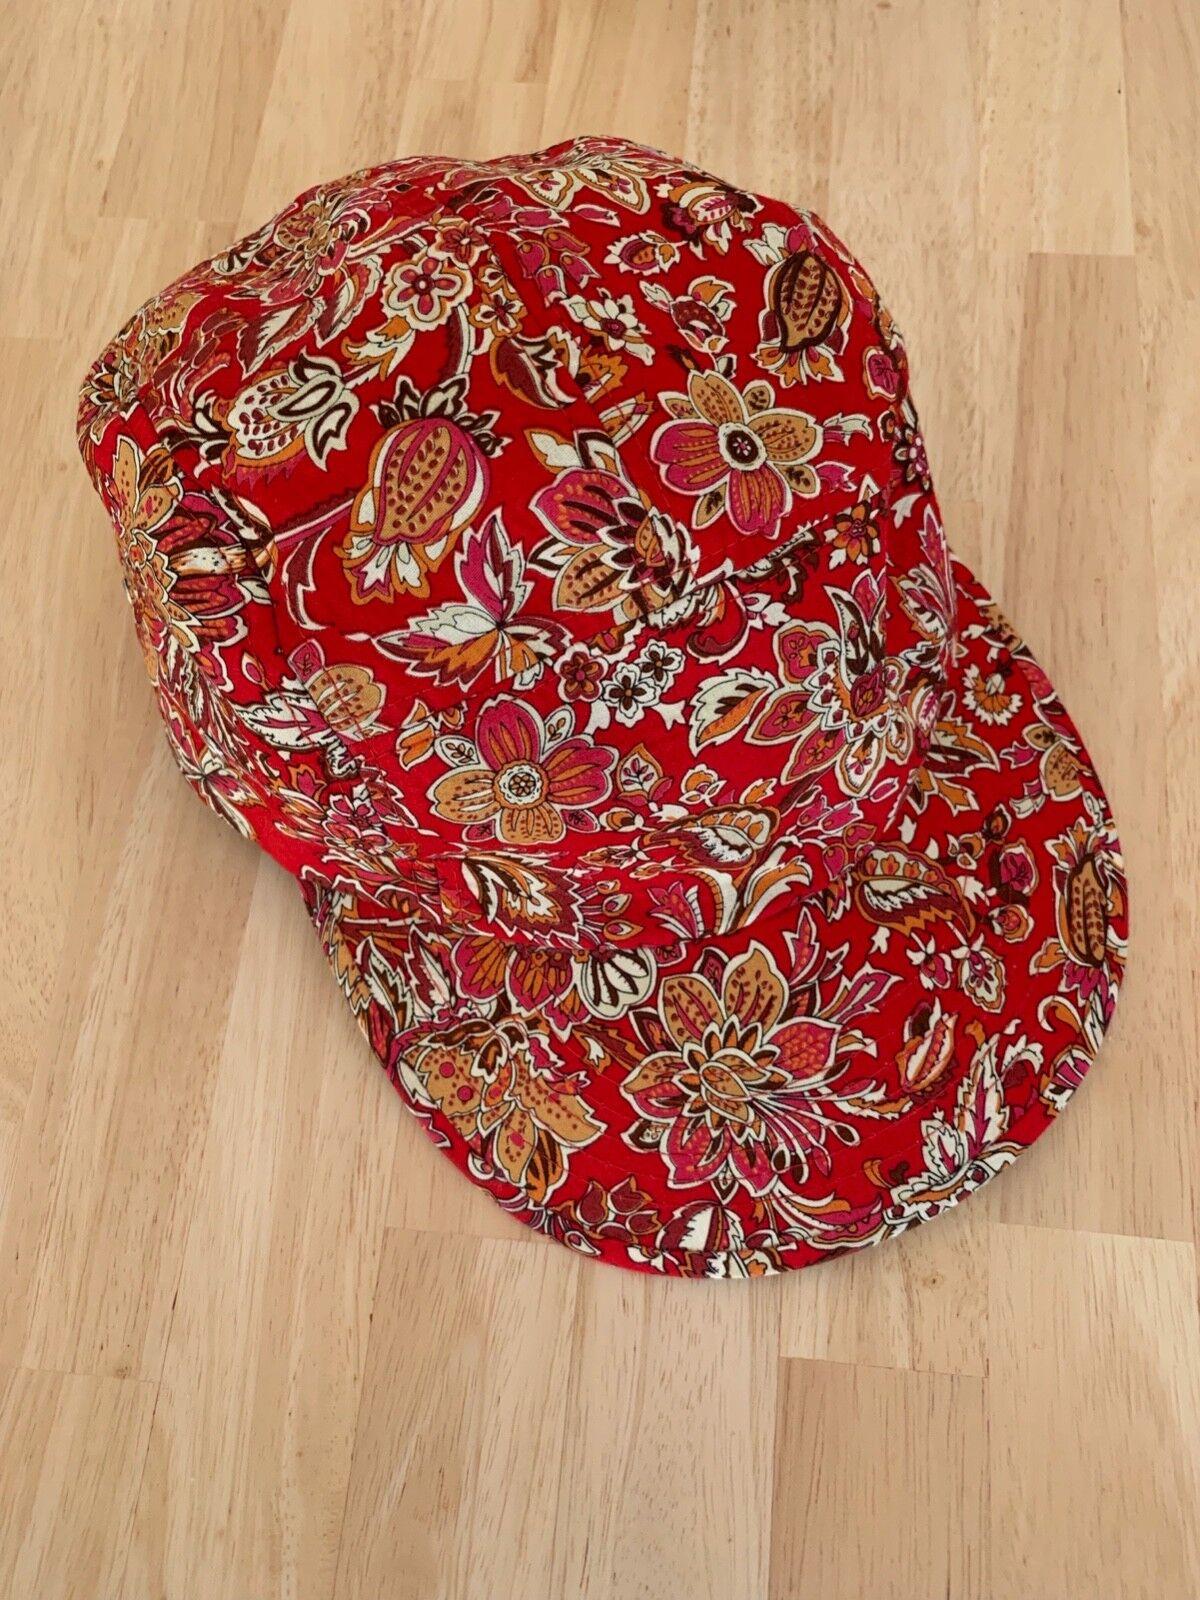 Supreme Kappe rot mit Blumenmuster, Hypebeast, sehr guter Zustand